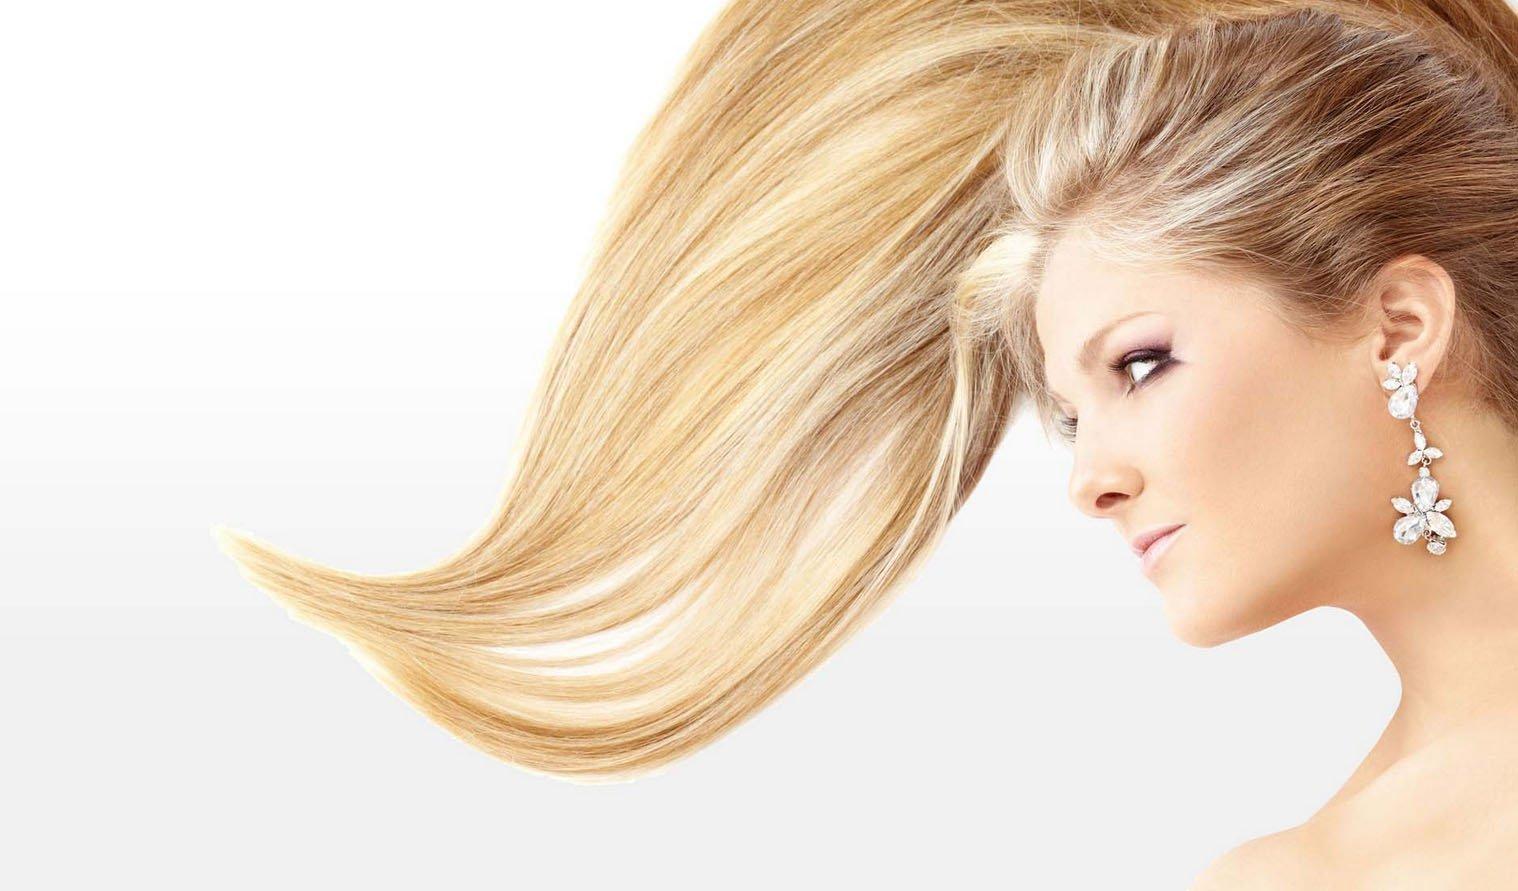 Як перемалювати волосся з русого в блондинку 21 фотография